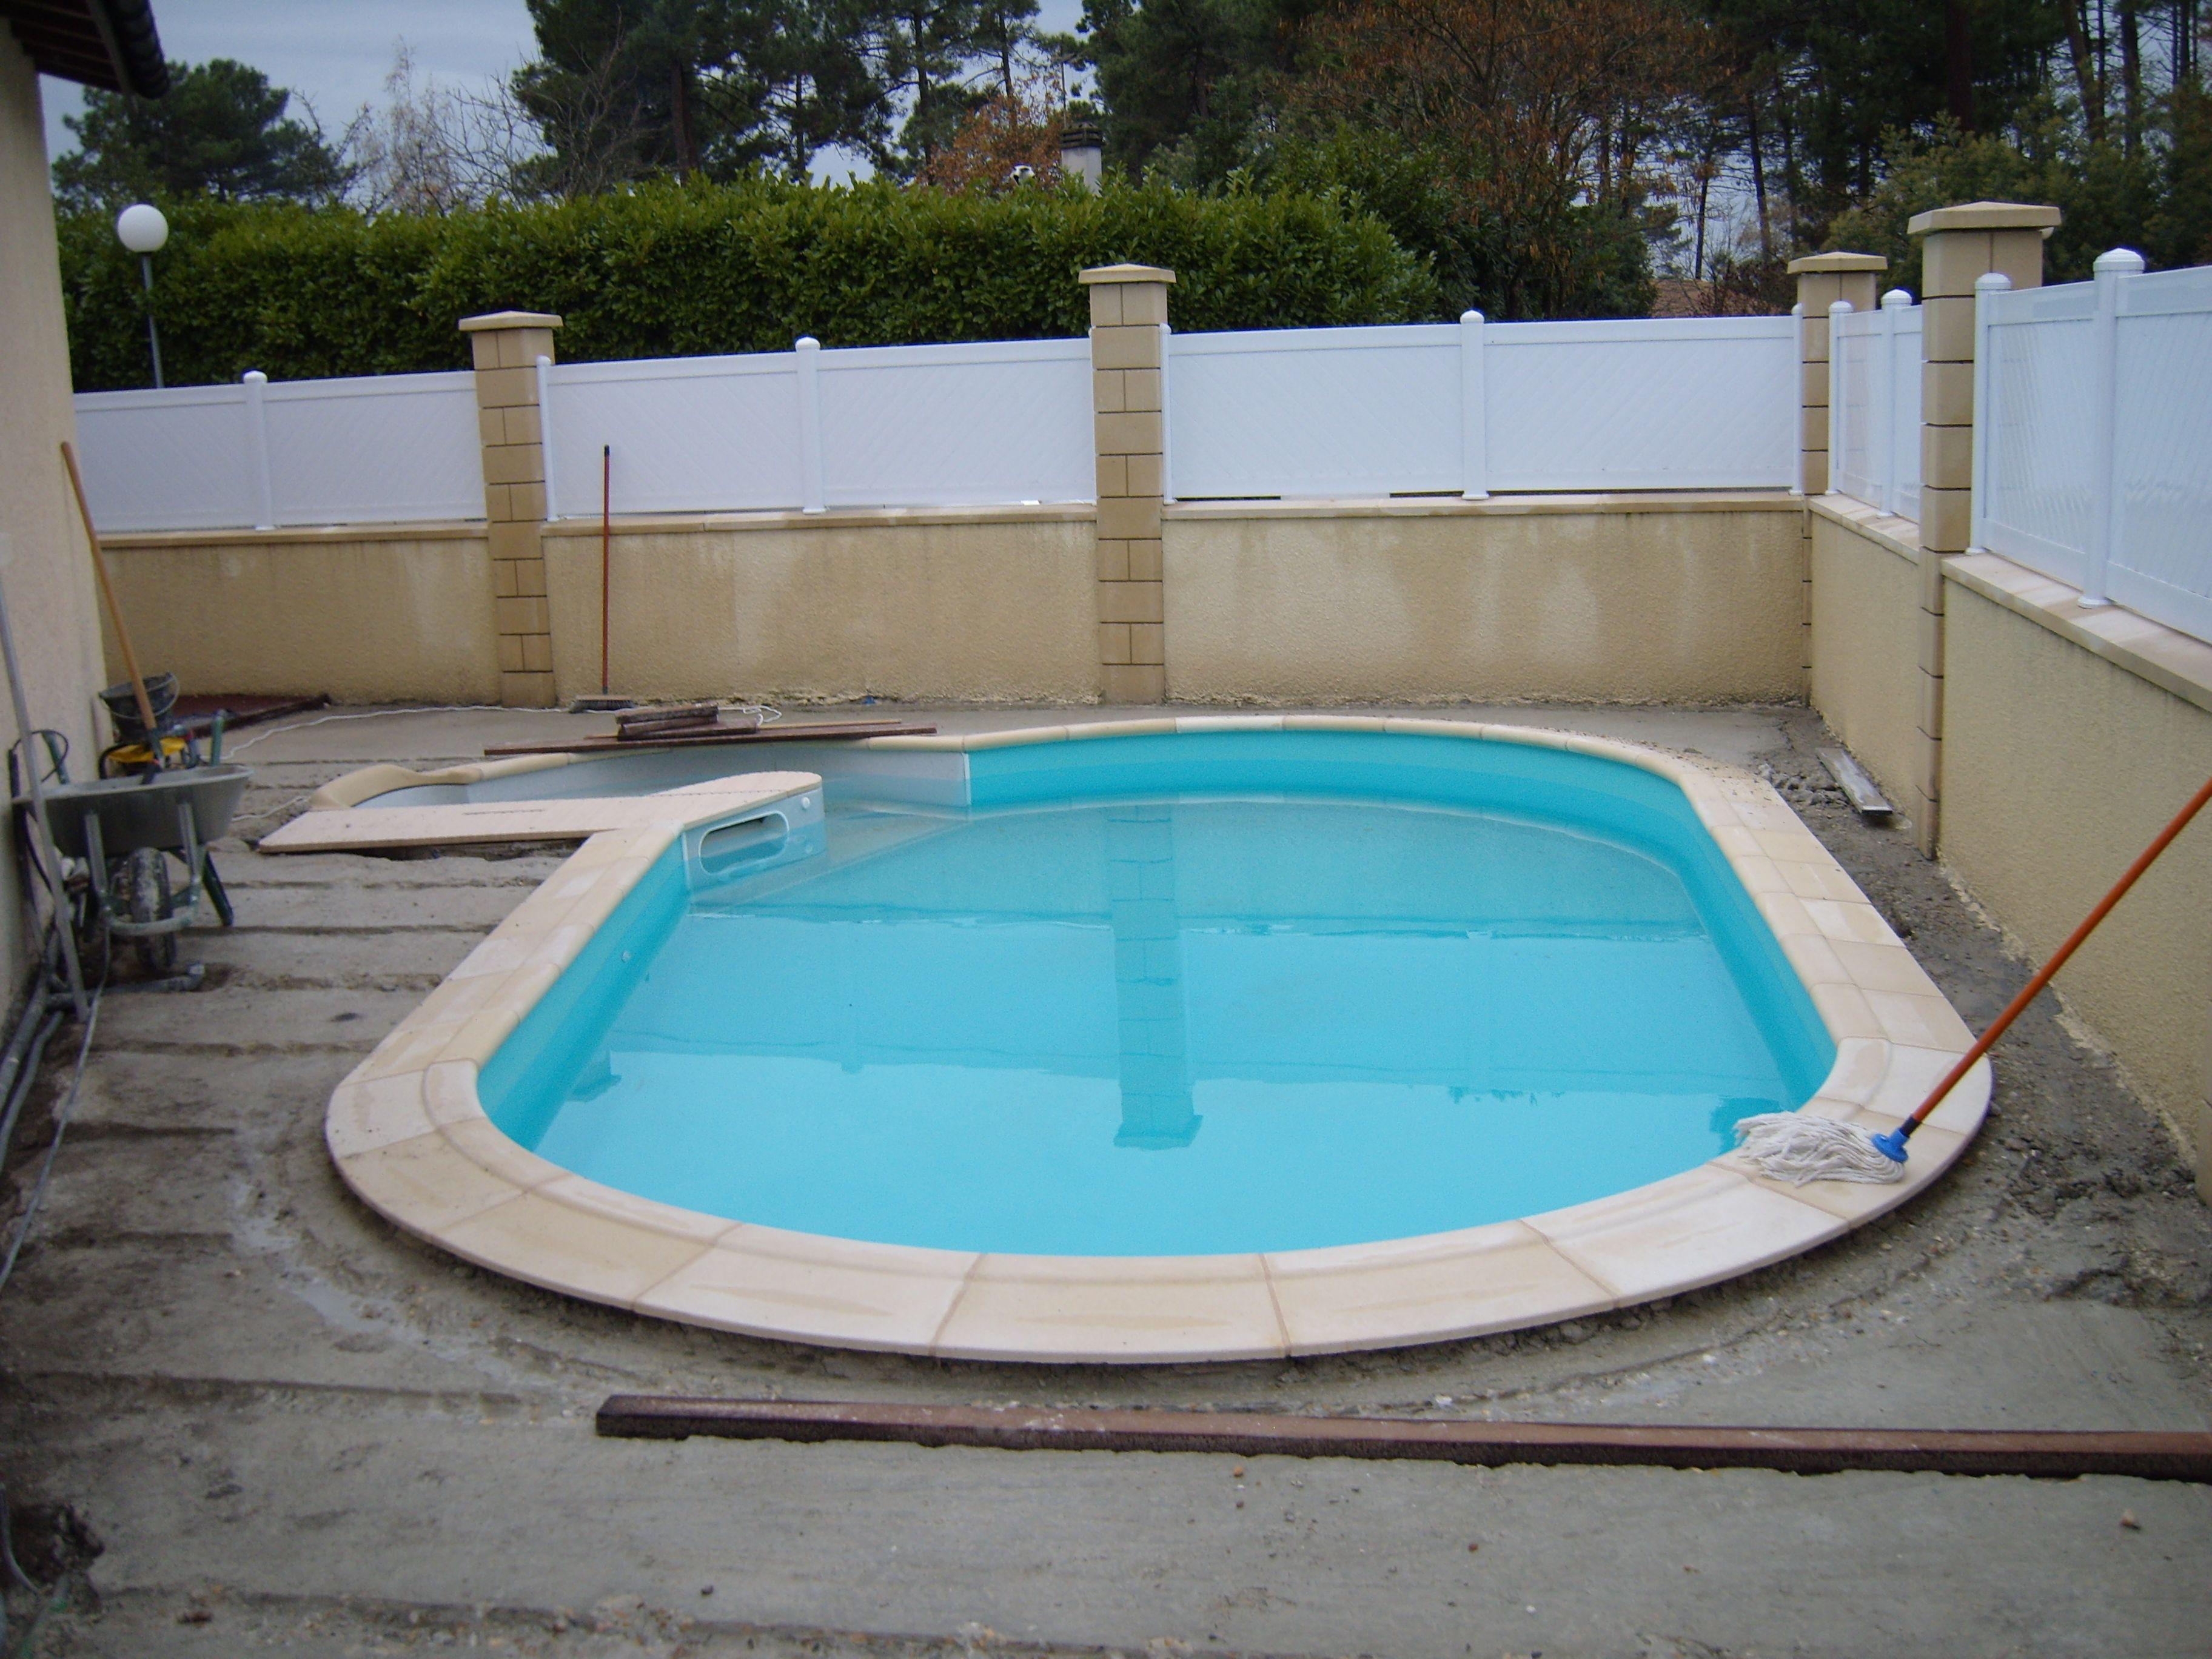 terrasse bois ar s pr paration du sol avant la pose des lambourdes sur une dalle en b ton. Black Bedroom Furniture Sets. Home Design Ideas